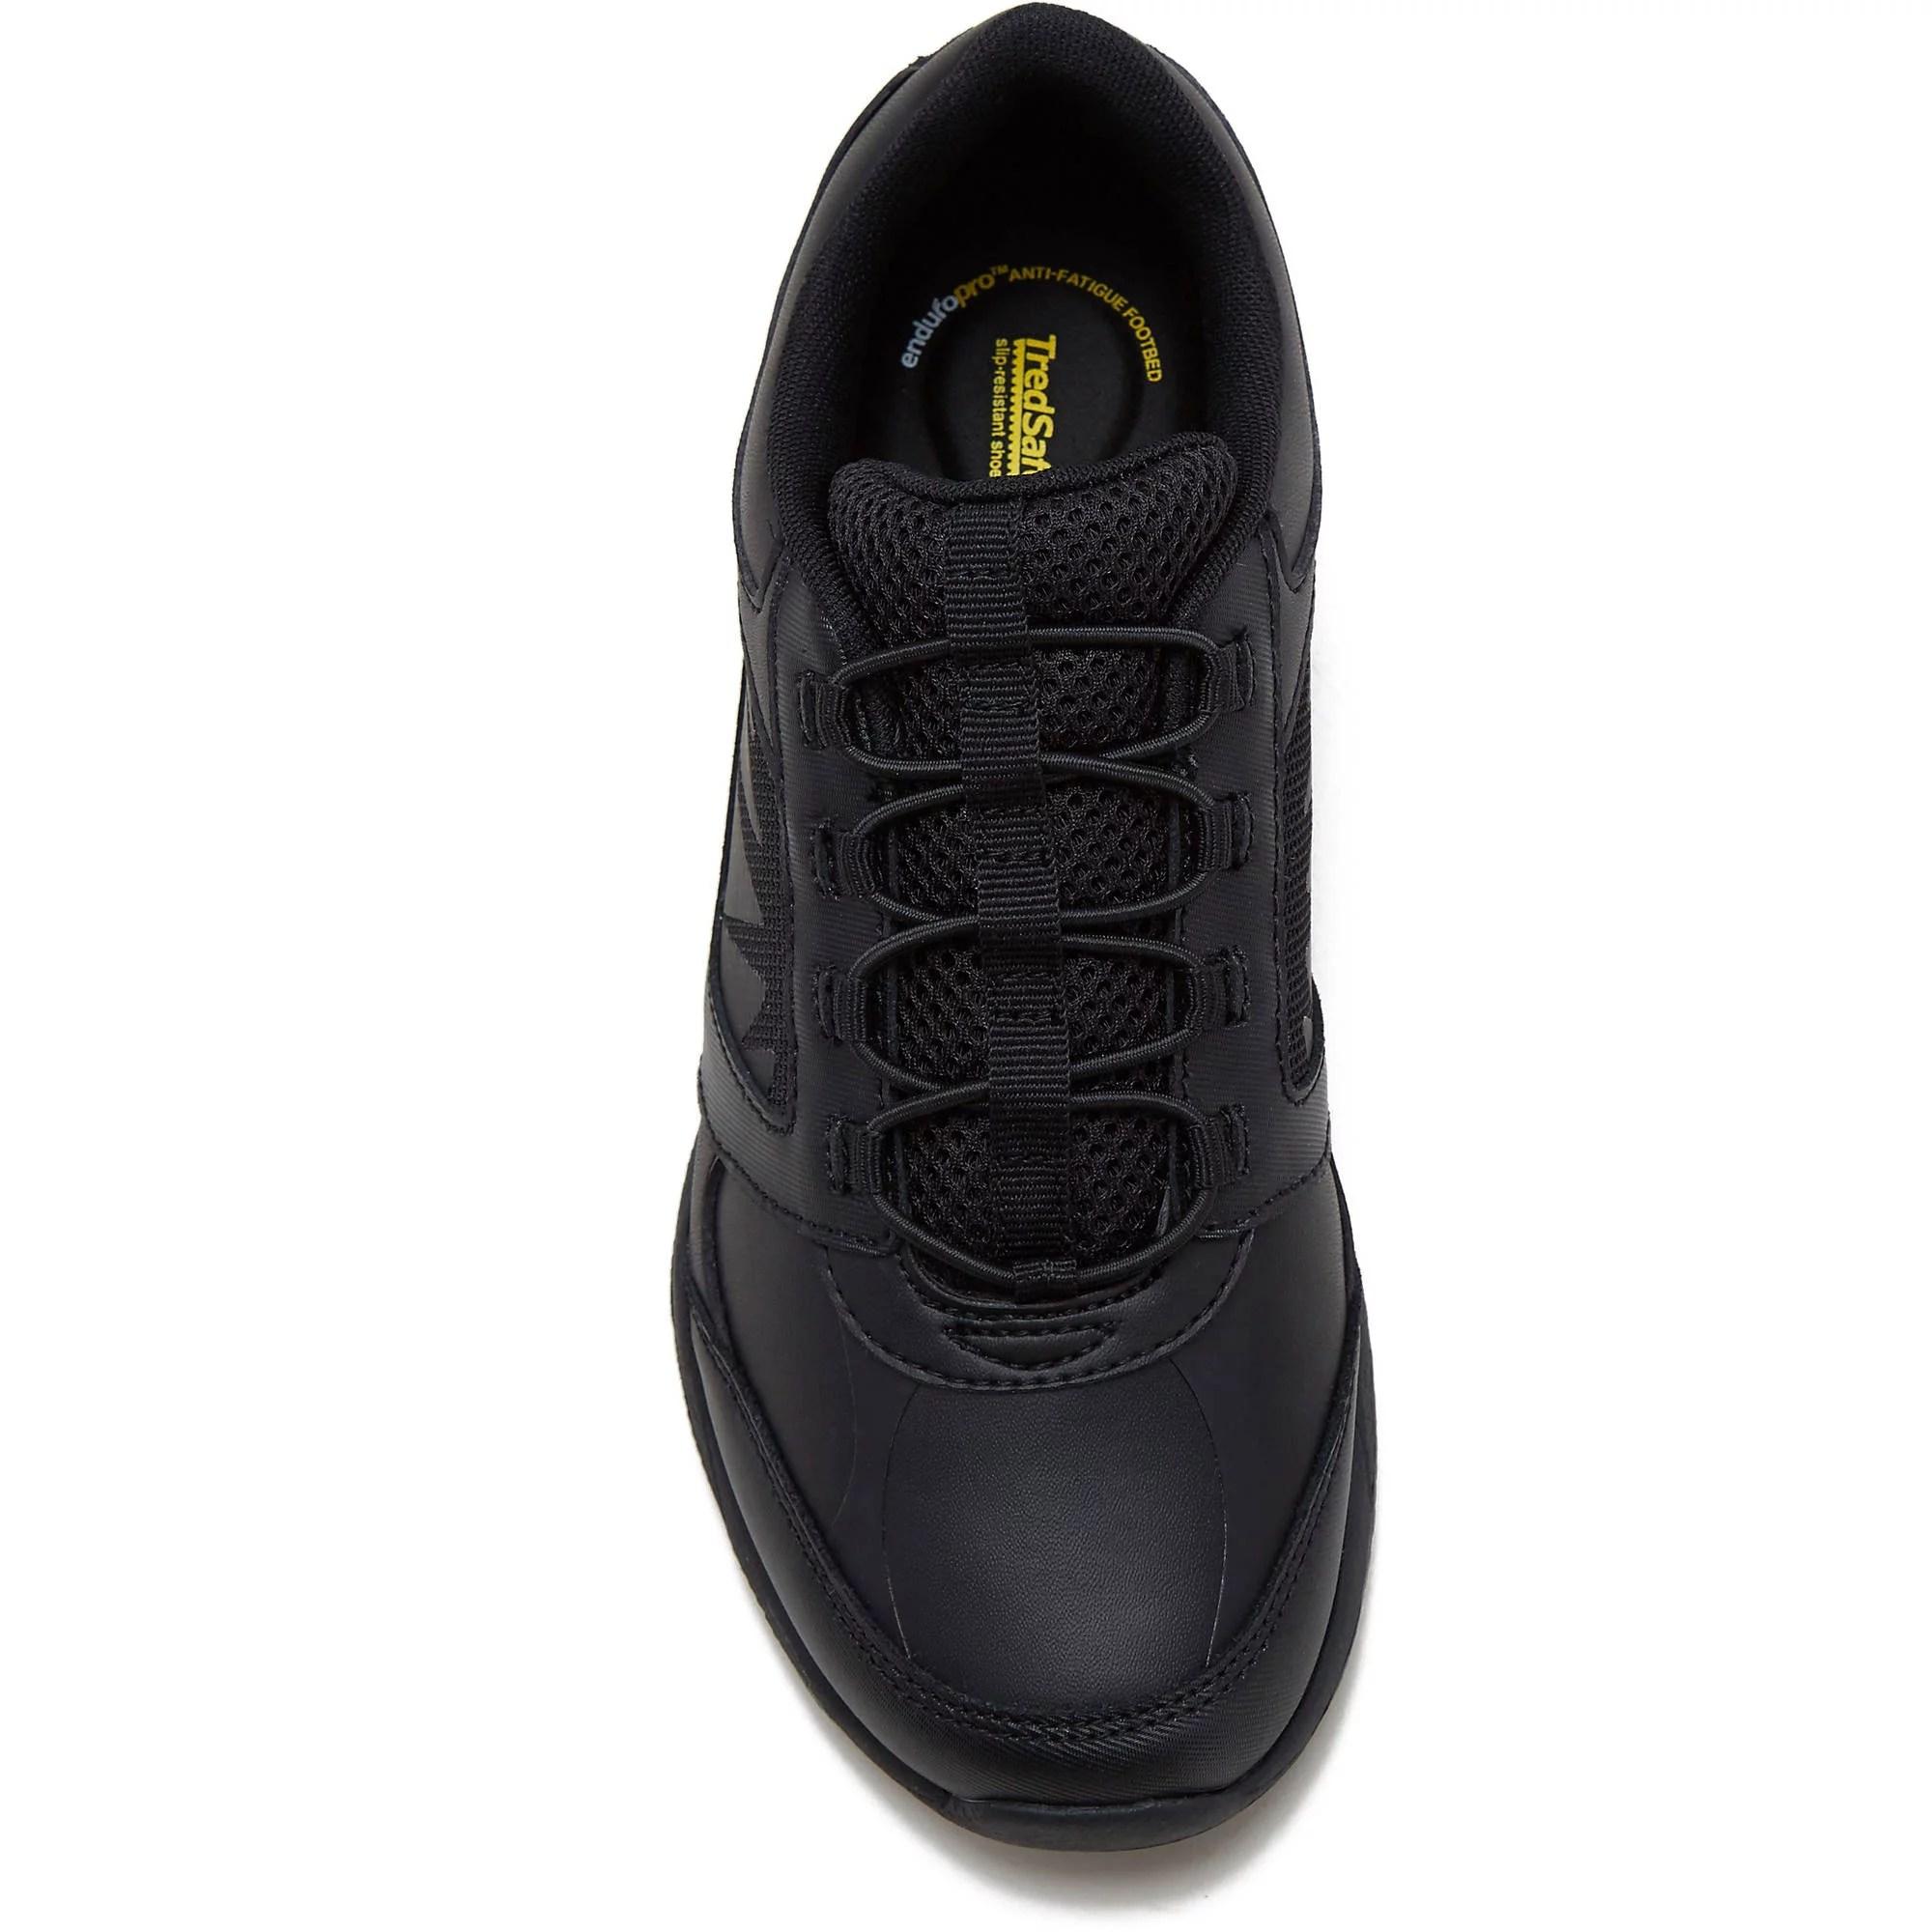 No Slip Oil Resistant Shoes